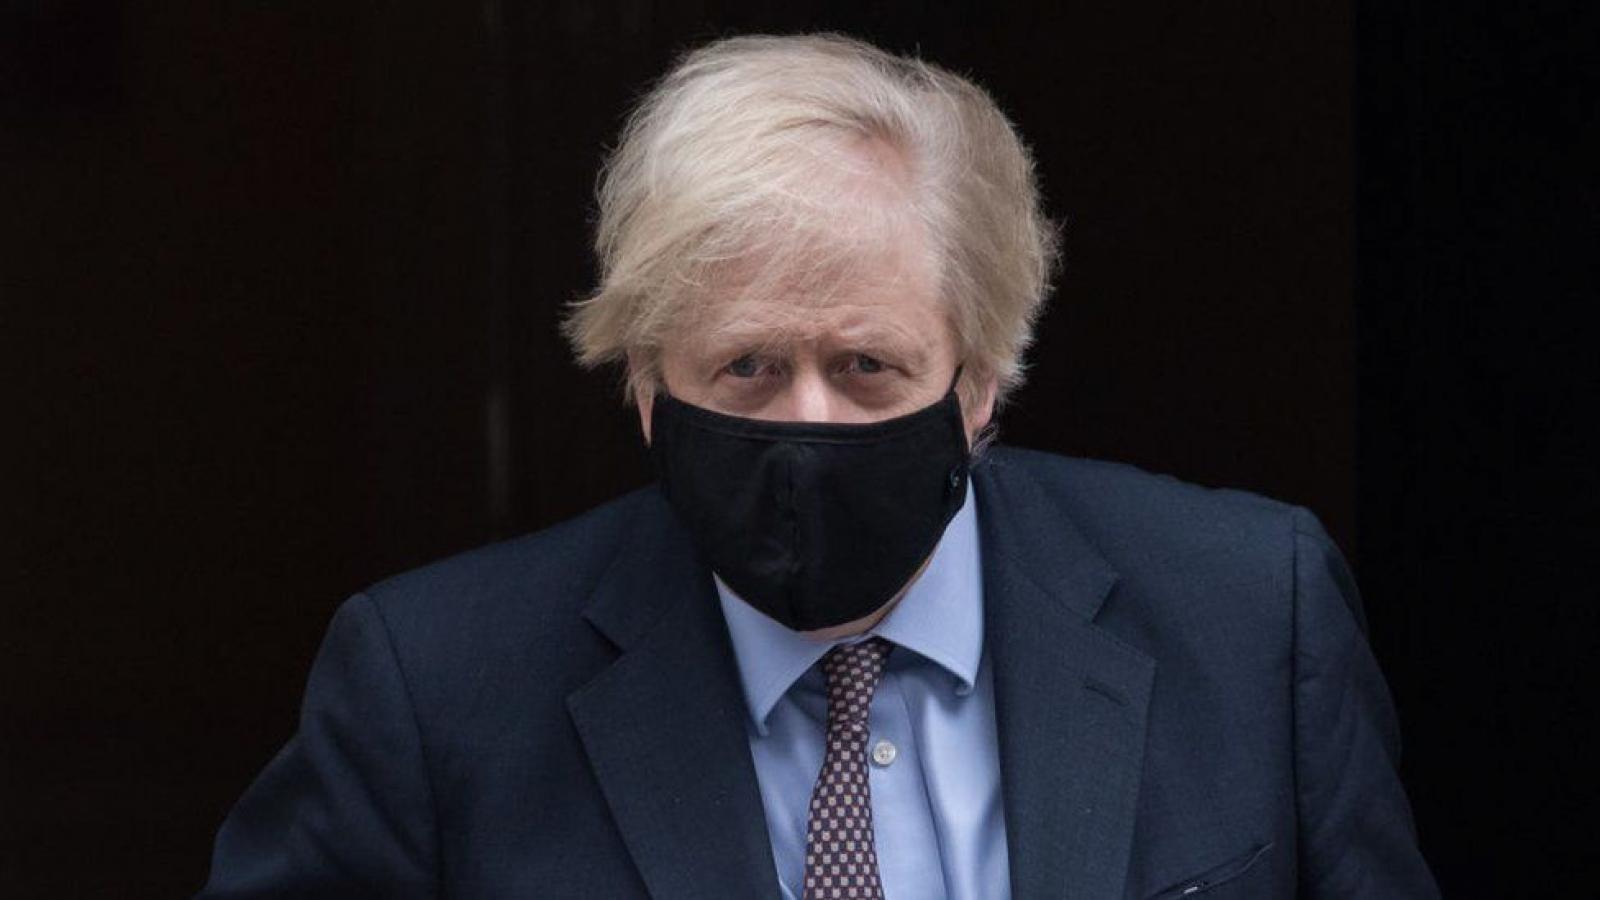 Tiếp xúc với người mắcCovid-19, Thủ tướng và Bộ trưởng Tài chính Anh tự cách li tại nhà